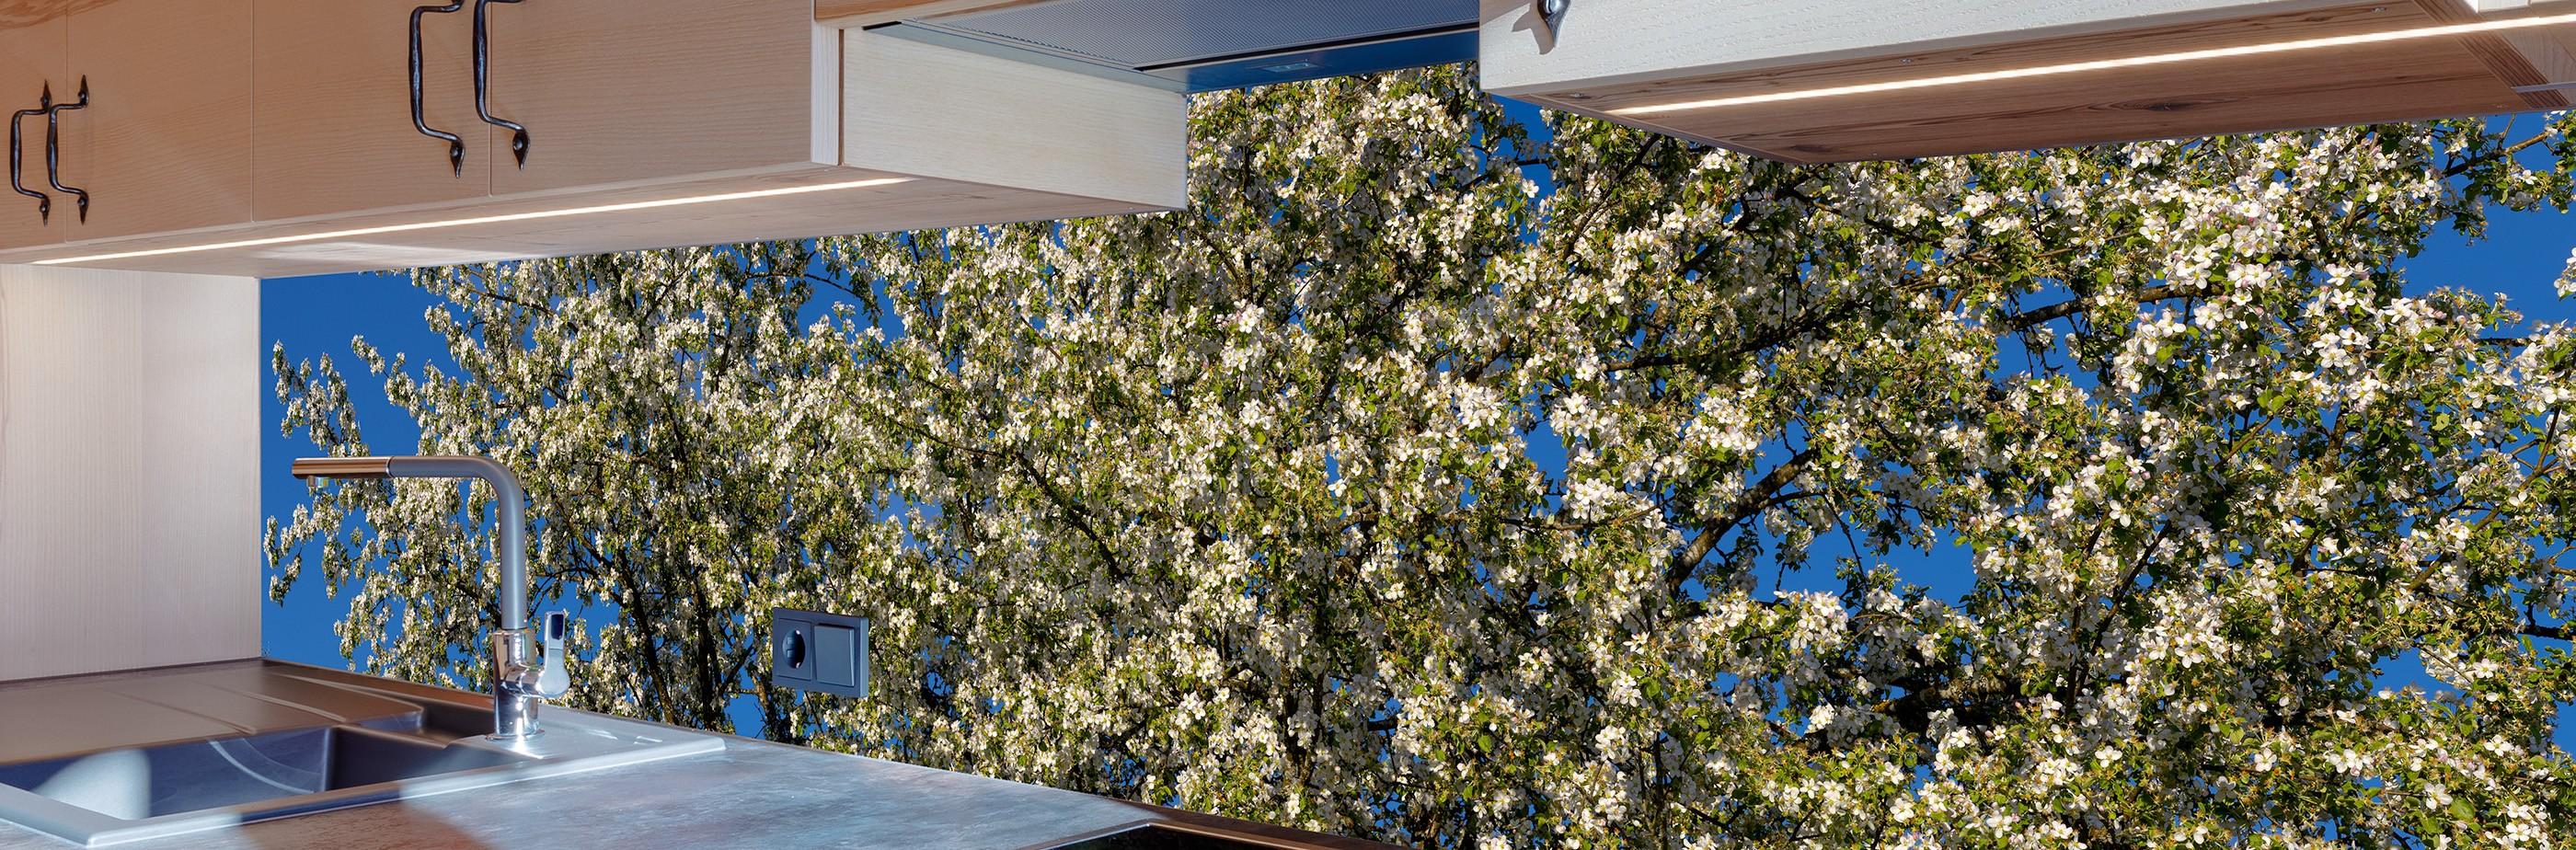 Küchenrückwand mit Apfelblüten (Holzapfelbaum)